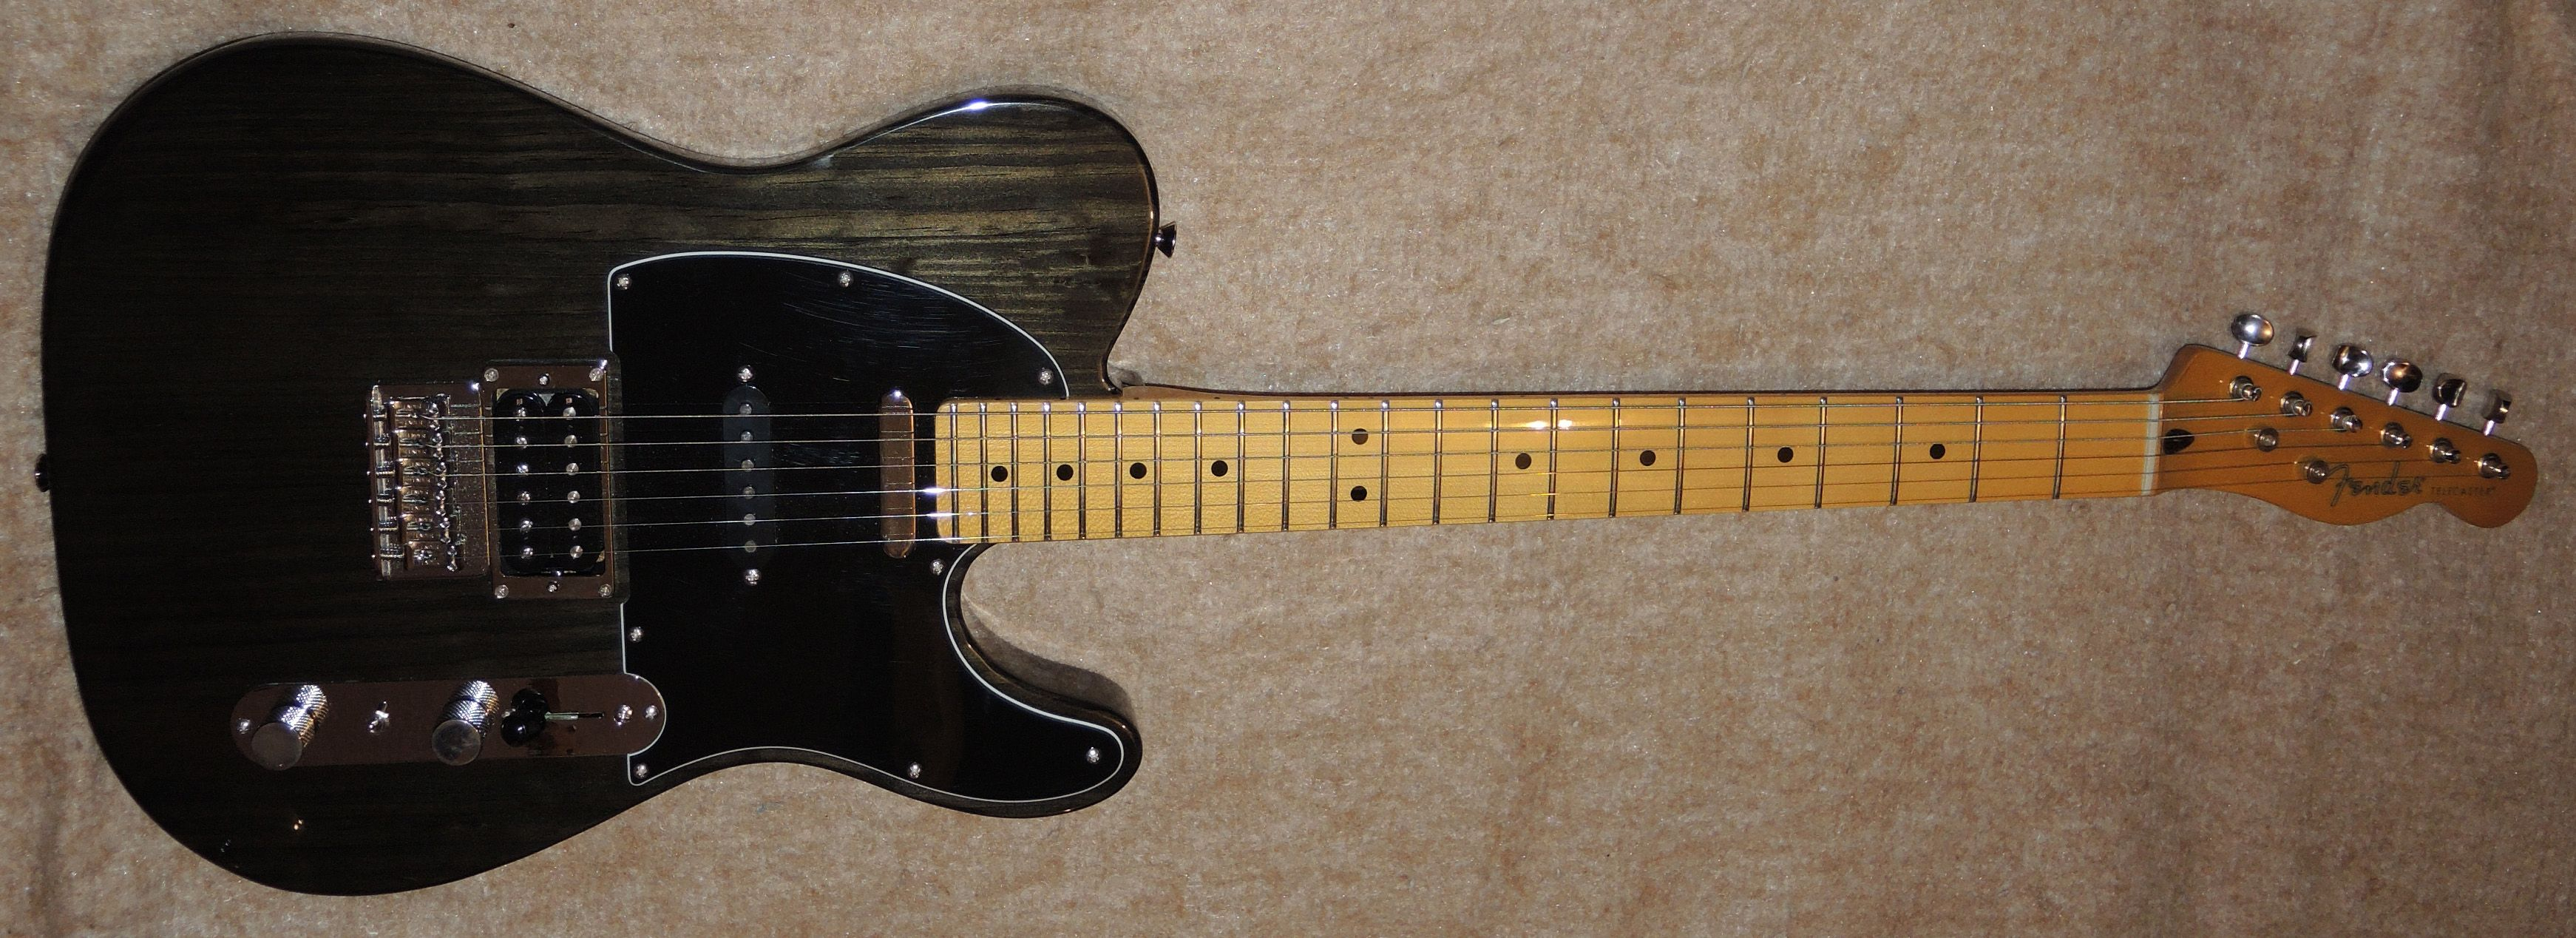 Fender Telecaster Plus Wikipedia The Free Encyclopedia Fender Telecaster Telecaster Fender